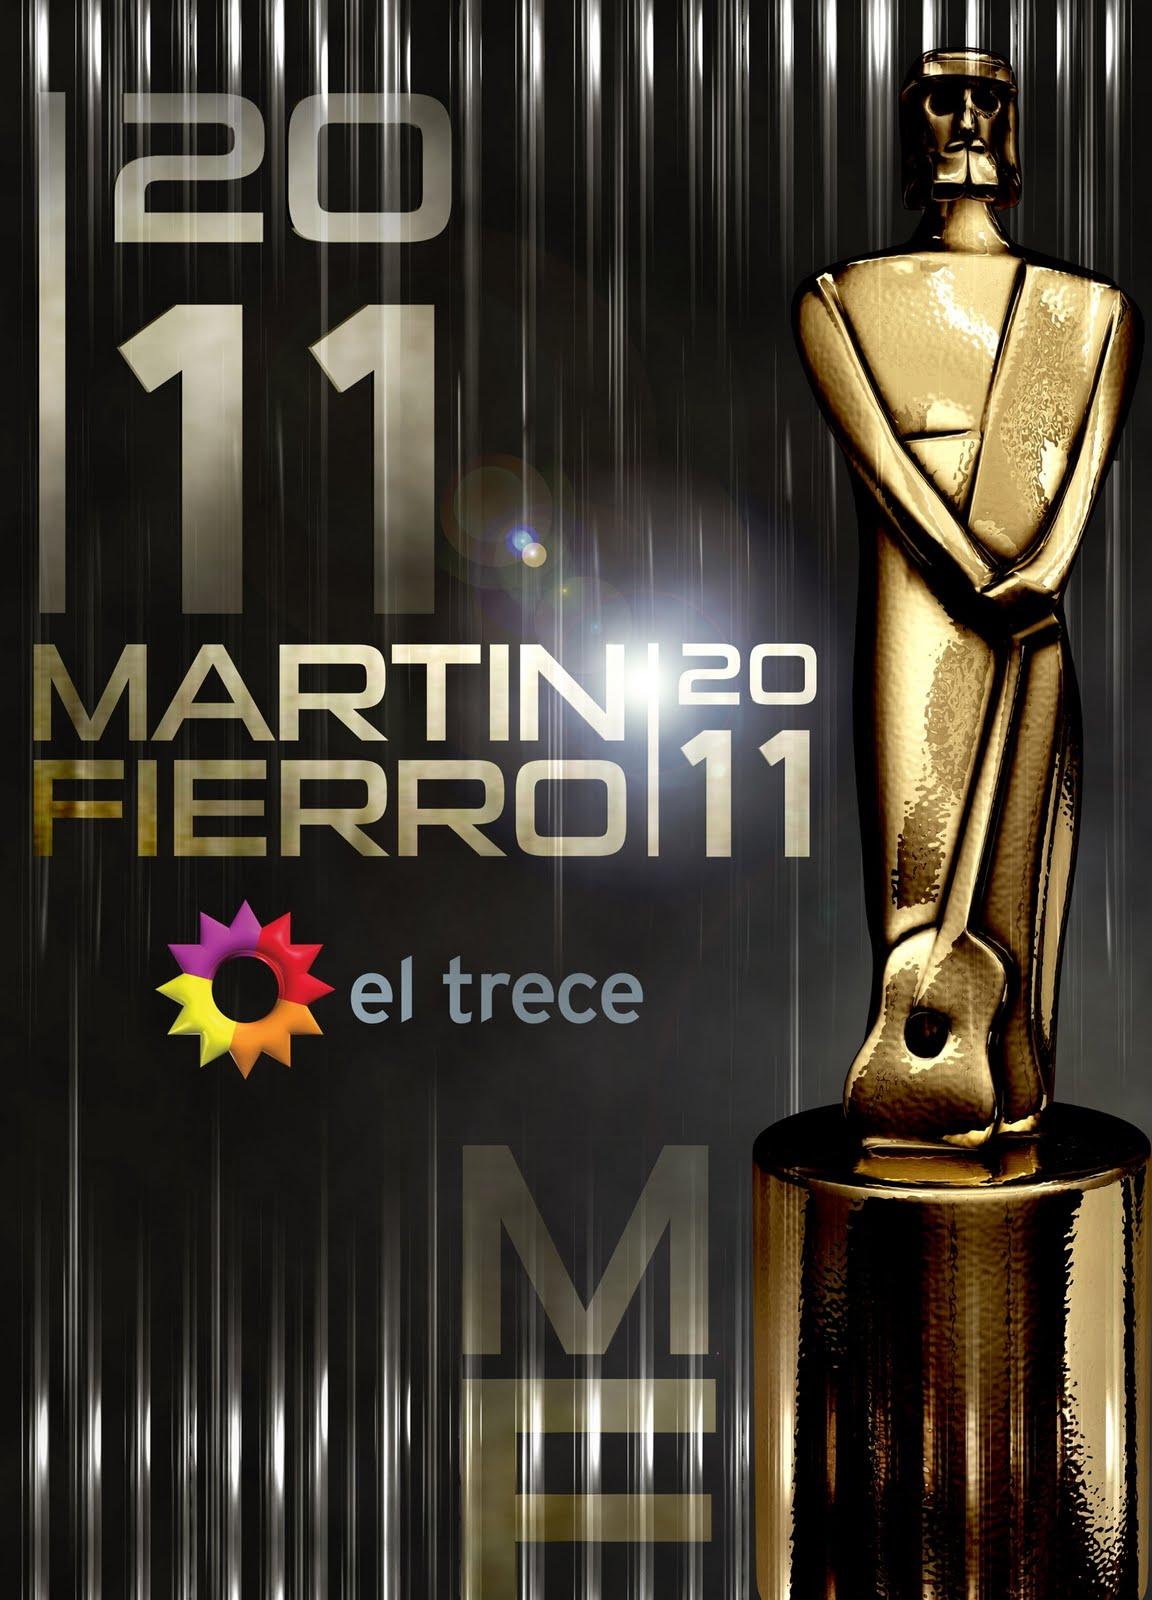 http://4.bp.blogspot.com/-LIe5Qss0NAc/TdfCPBmejAI/AAAAAAAAURU/5pqBQYhGrp4/s1600/Martin%2BFierro.jpg